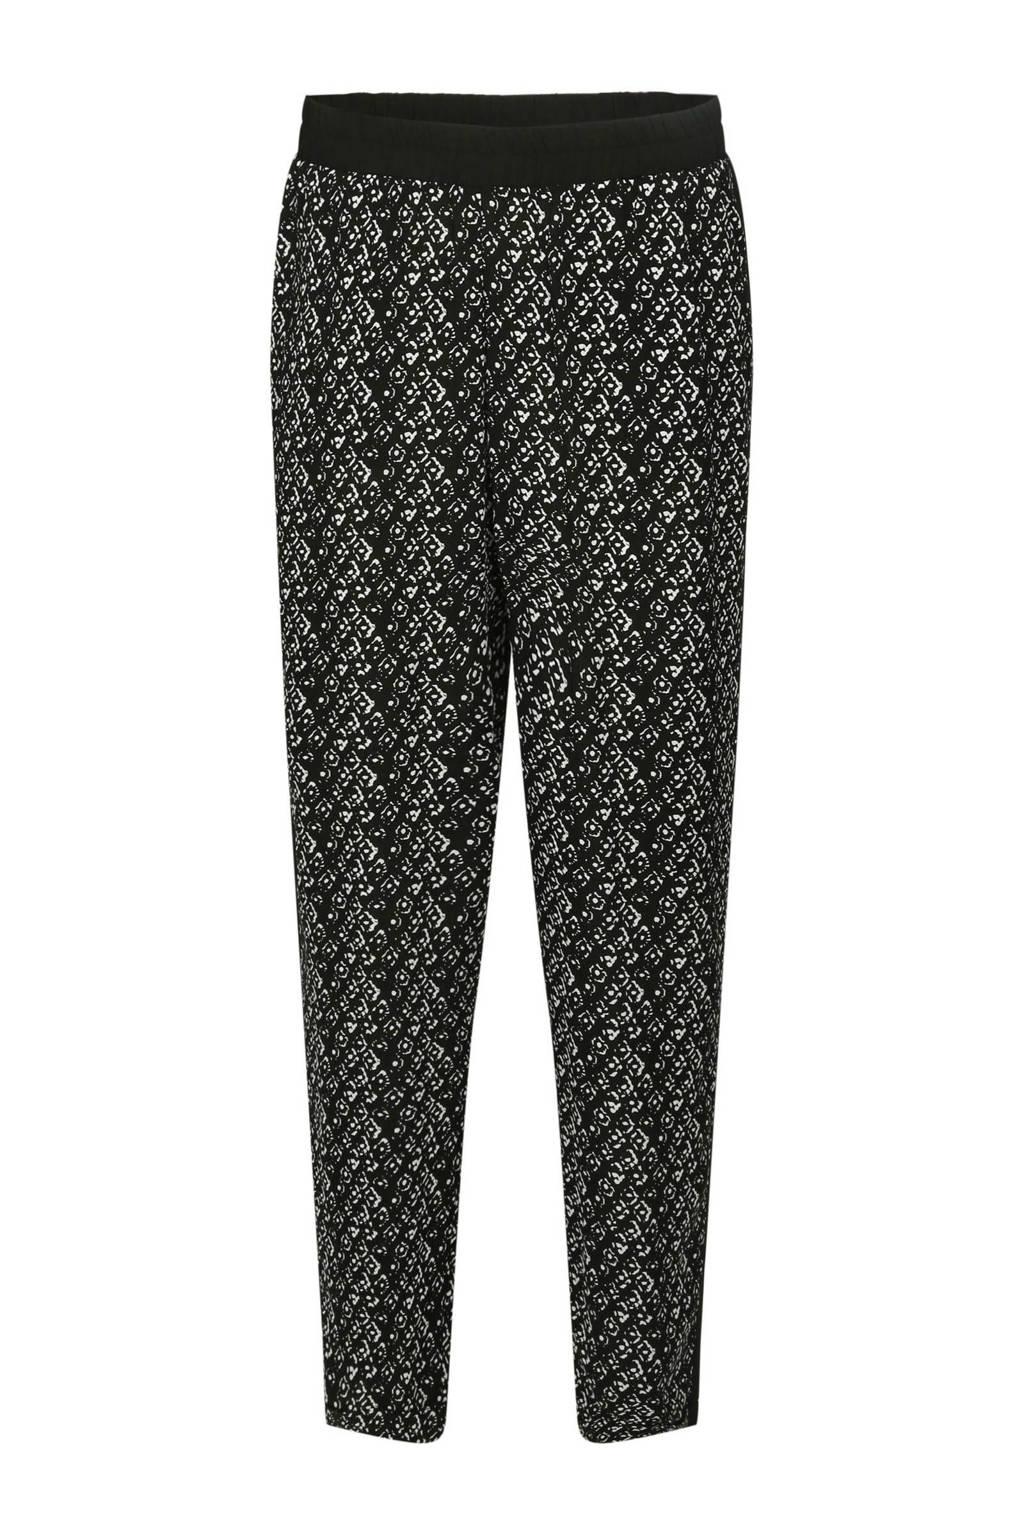 Cassis tapered fit broek met all over print zwart, Zwart